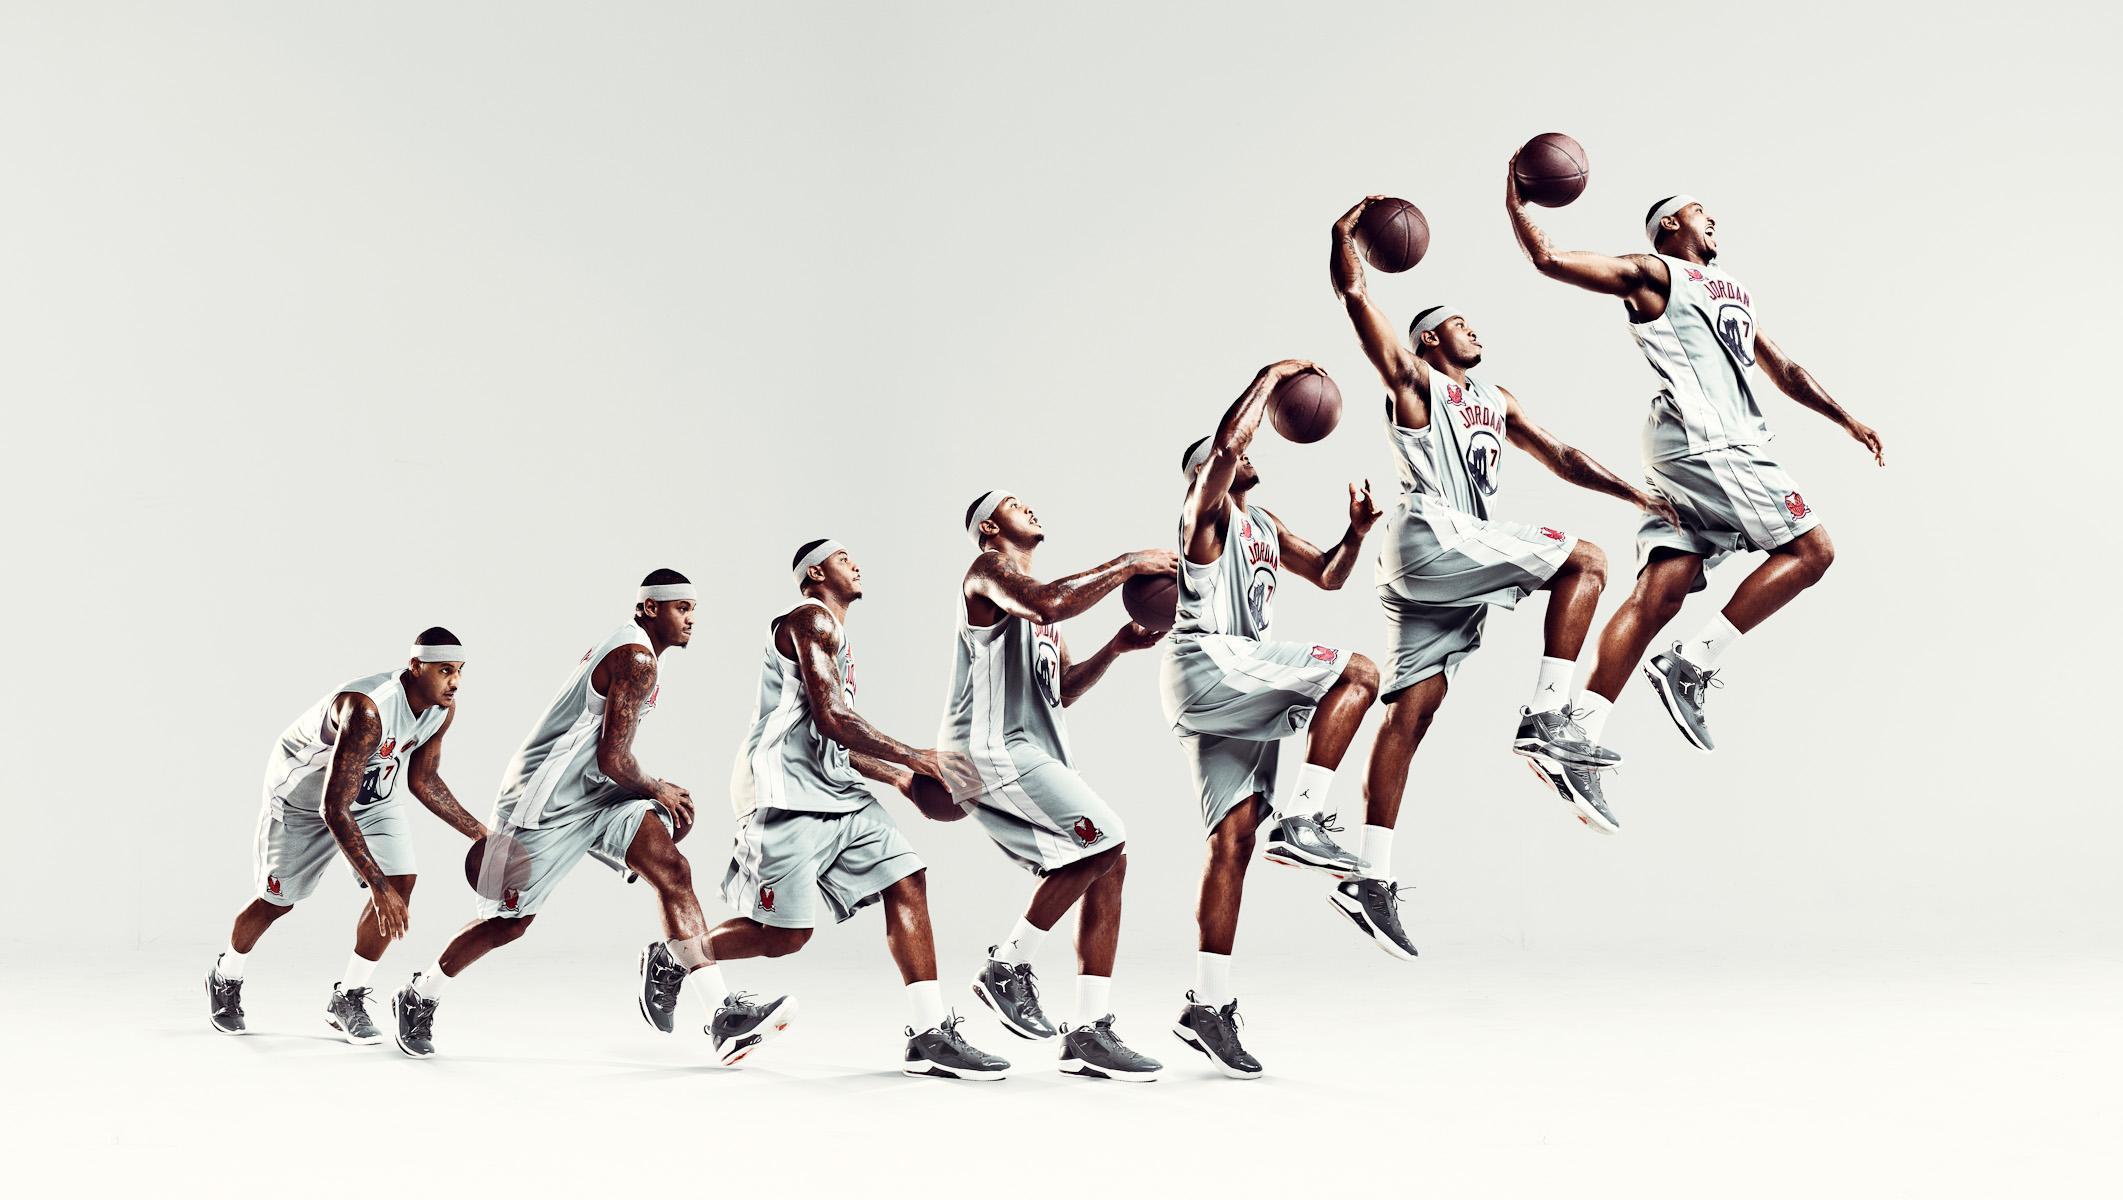 Carmelo Anthony: Marcus Eriksson / Photographe